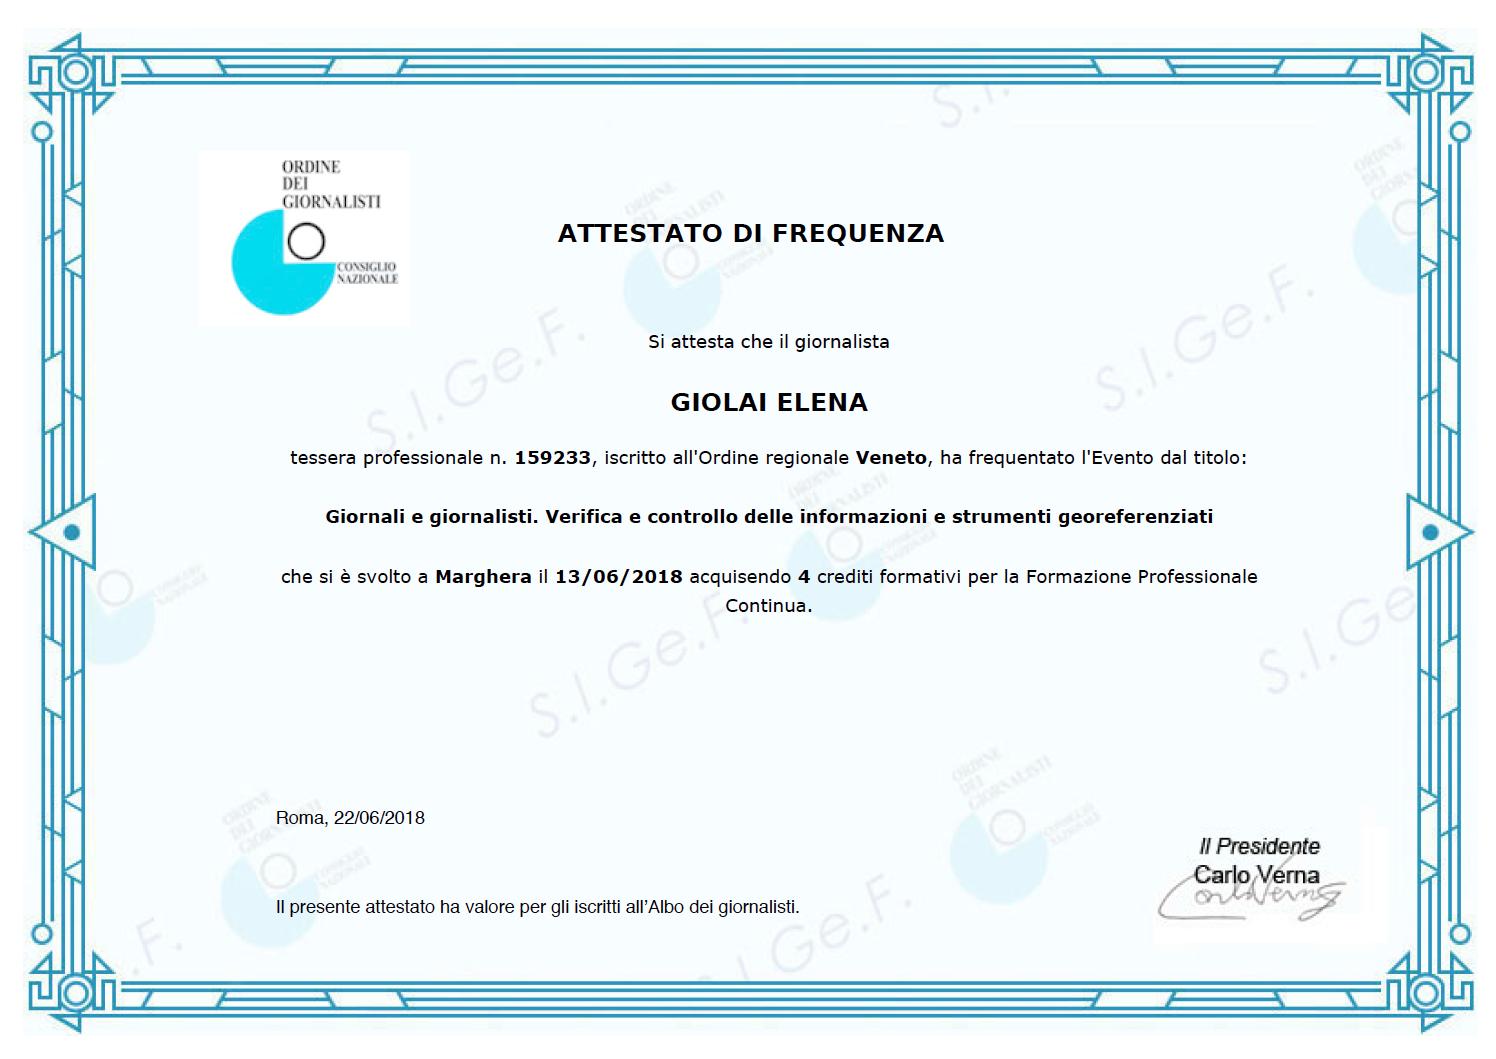 Giornali e giornalisti. Verifica e controllo delle informazioni e strumenti georeferenziati